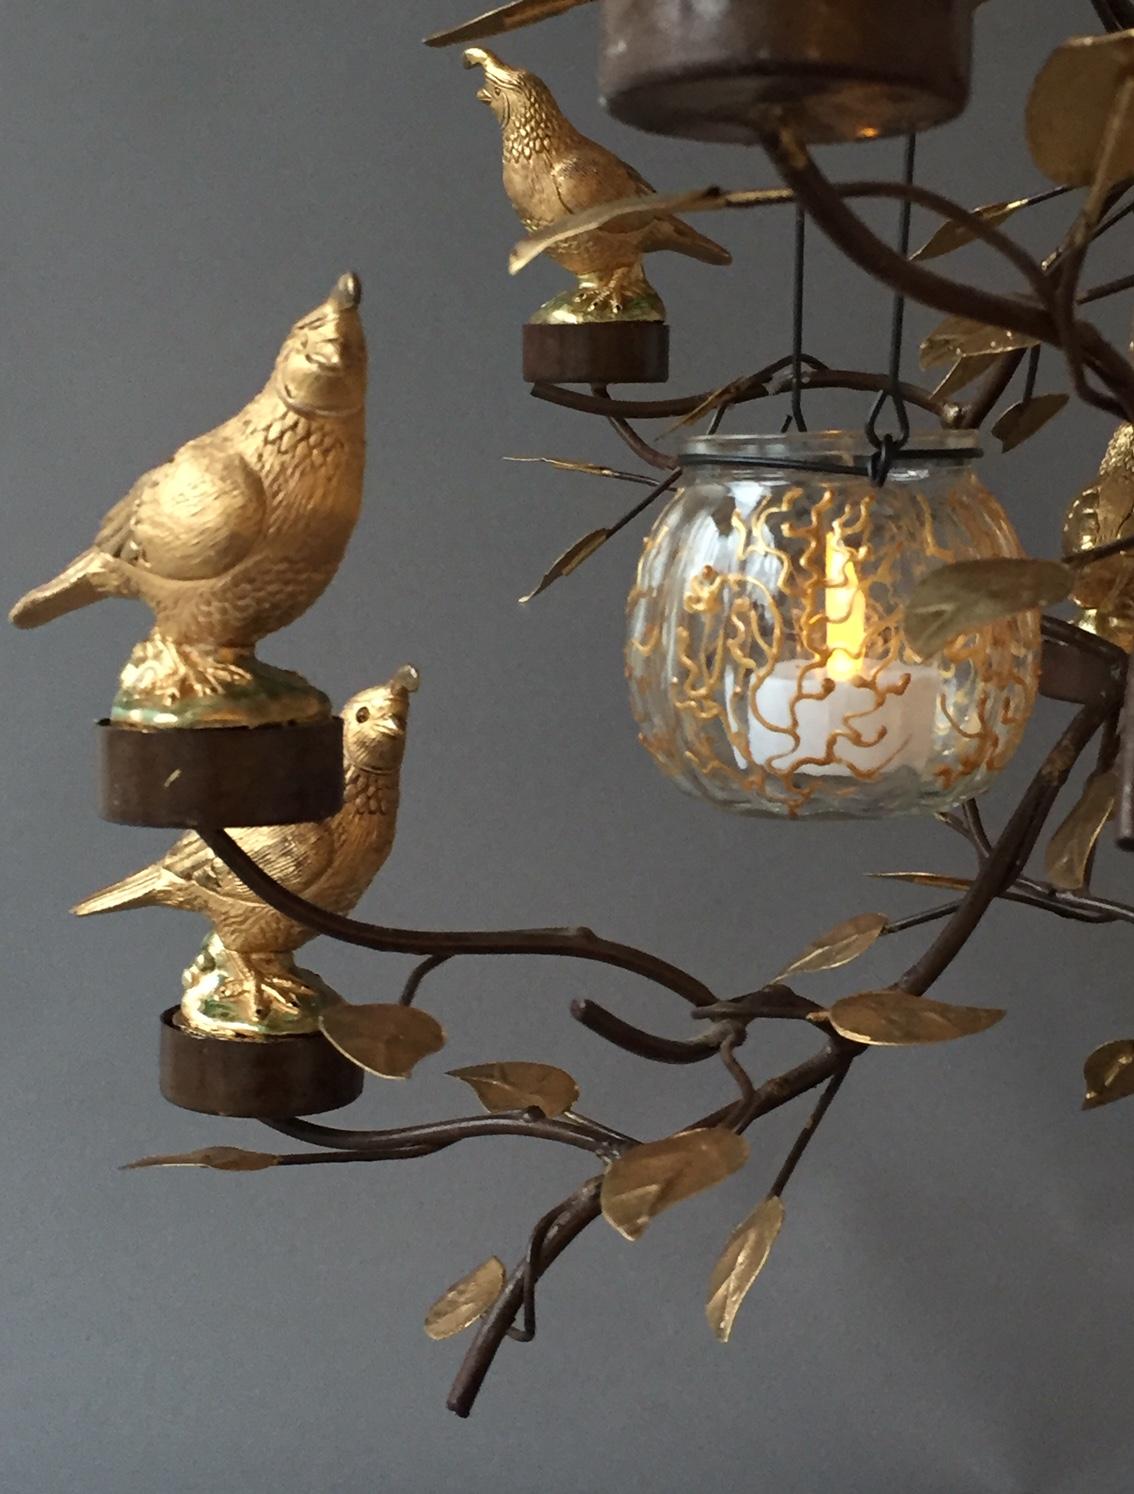 Vogeltjes Boom, Smeedijzer, keramiek en gebrandschilderd glas, 75 x 55 cm, 2019